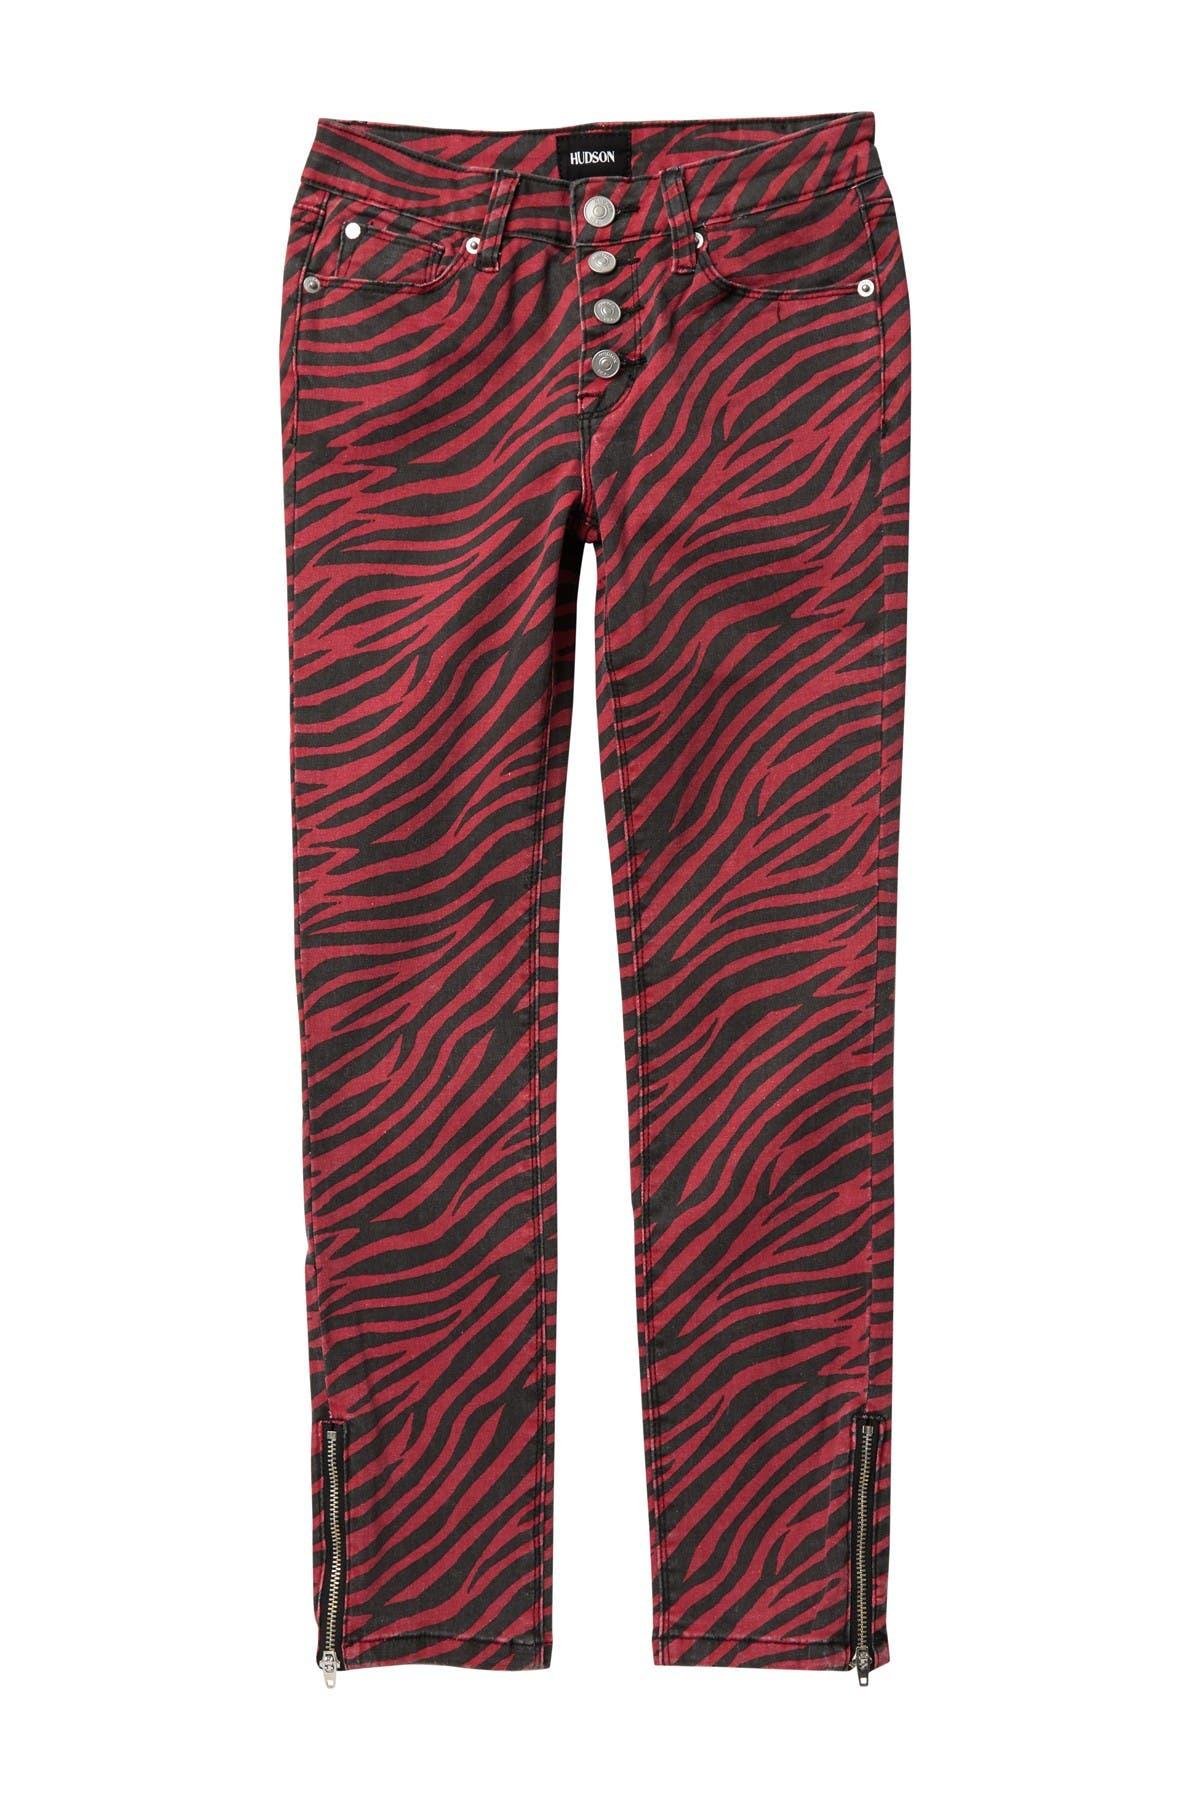 Image of HUDSON Jeans Zebra Skinny Jeans